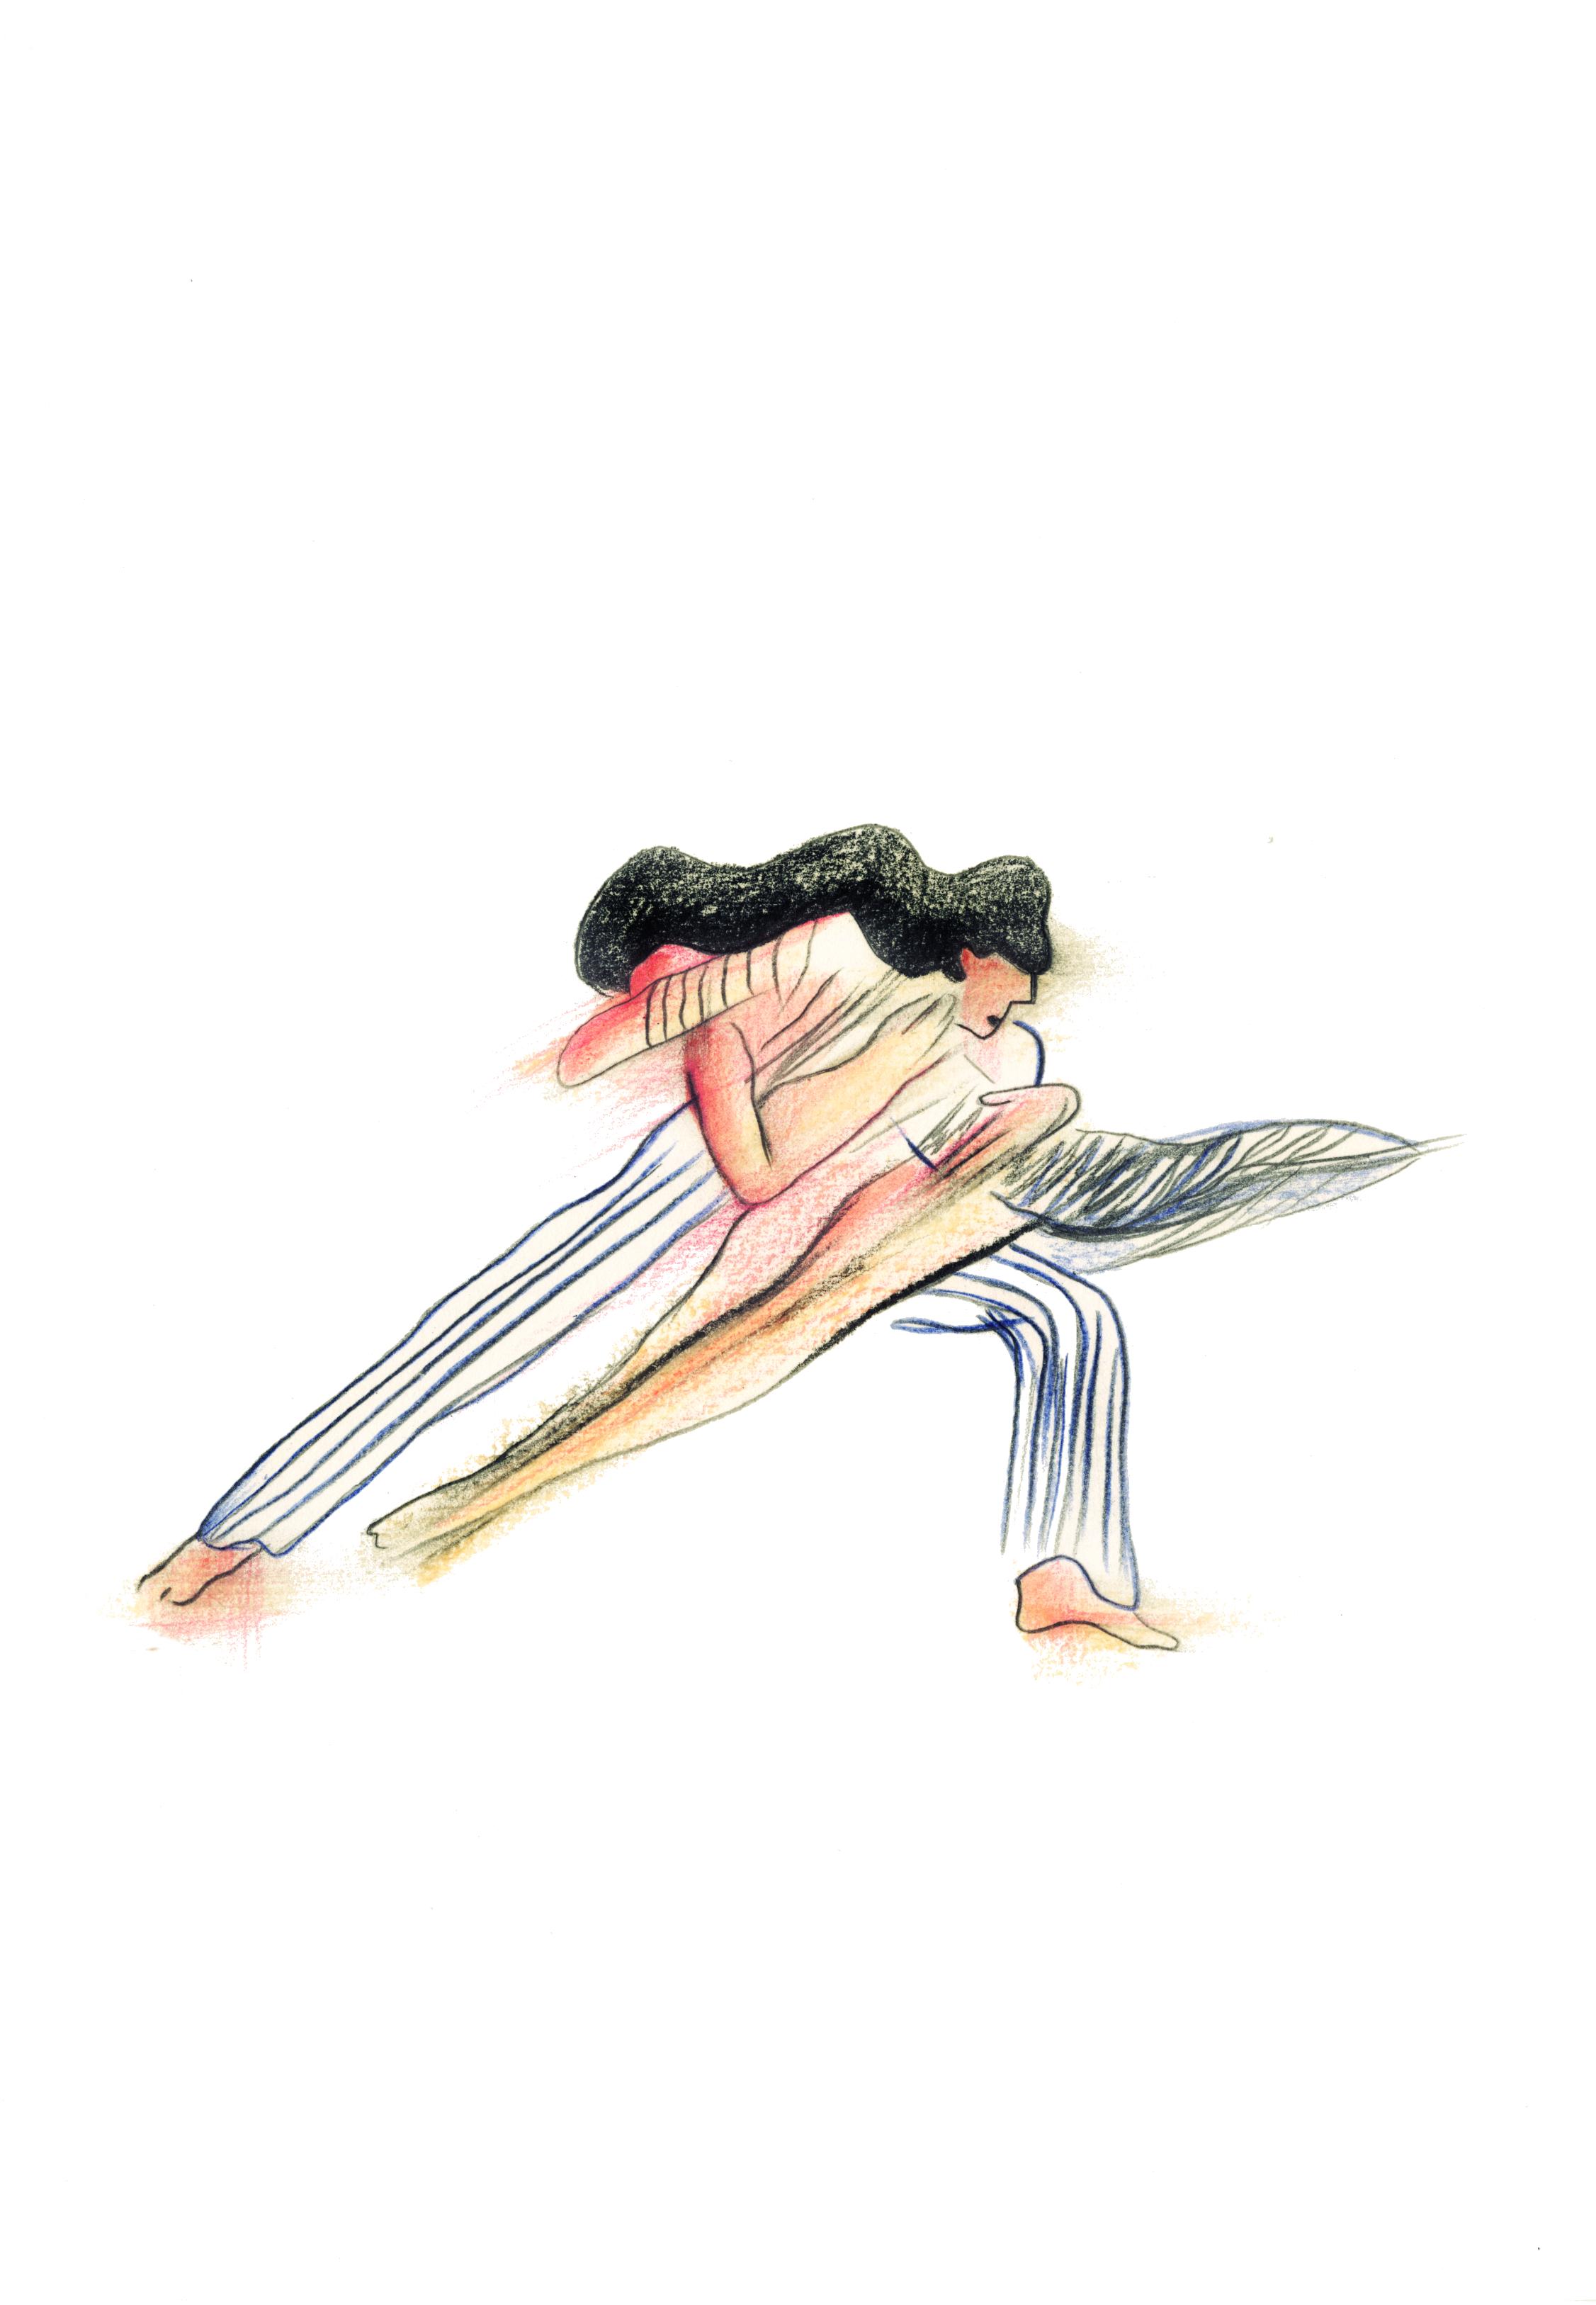 Danse 4 | GALERIE TREIZE DIX / DANSE #4 | NOÉMIE CHUST